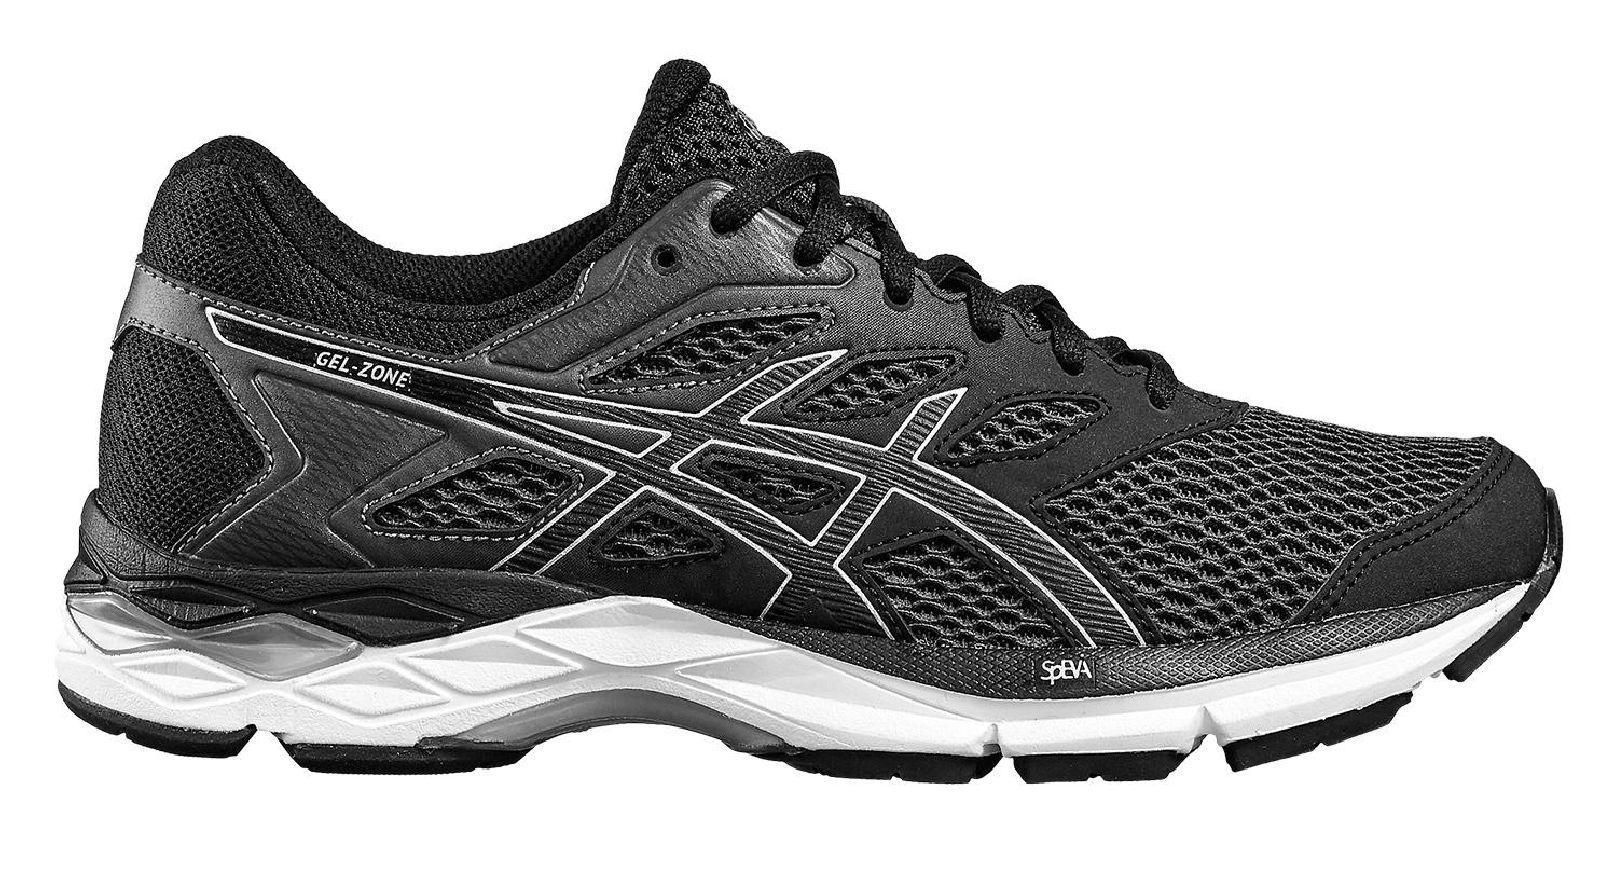 Asics women shoes da Corsa Gel-Zone 6 W black 1012A496 001